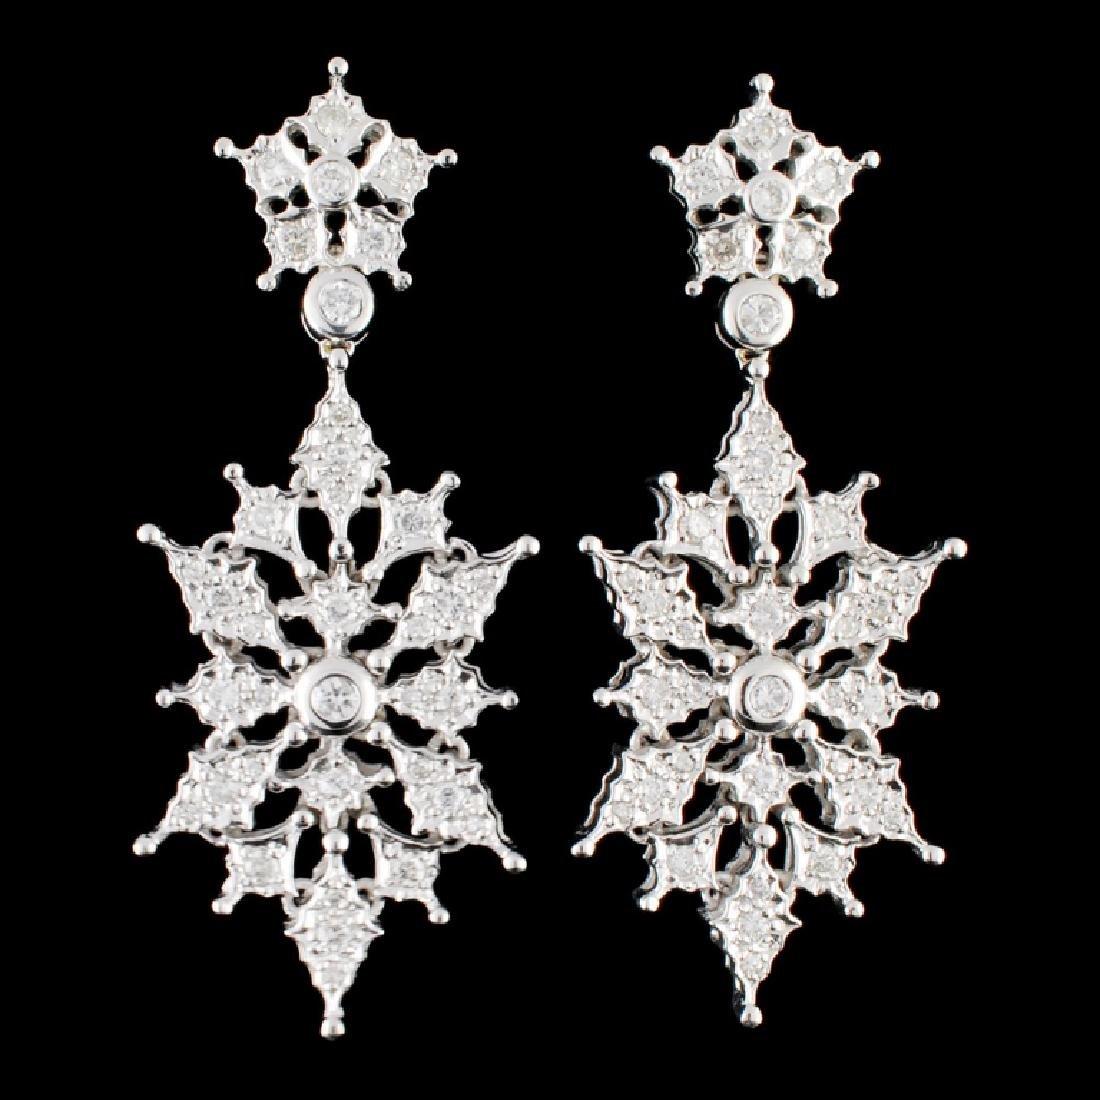 14K Gold 1.06ctw Diamond Earrings